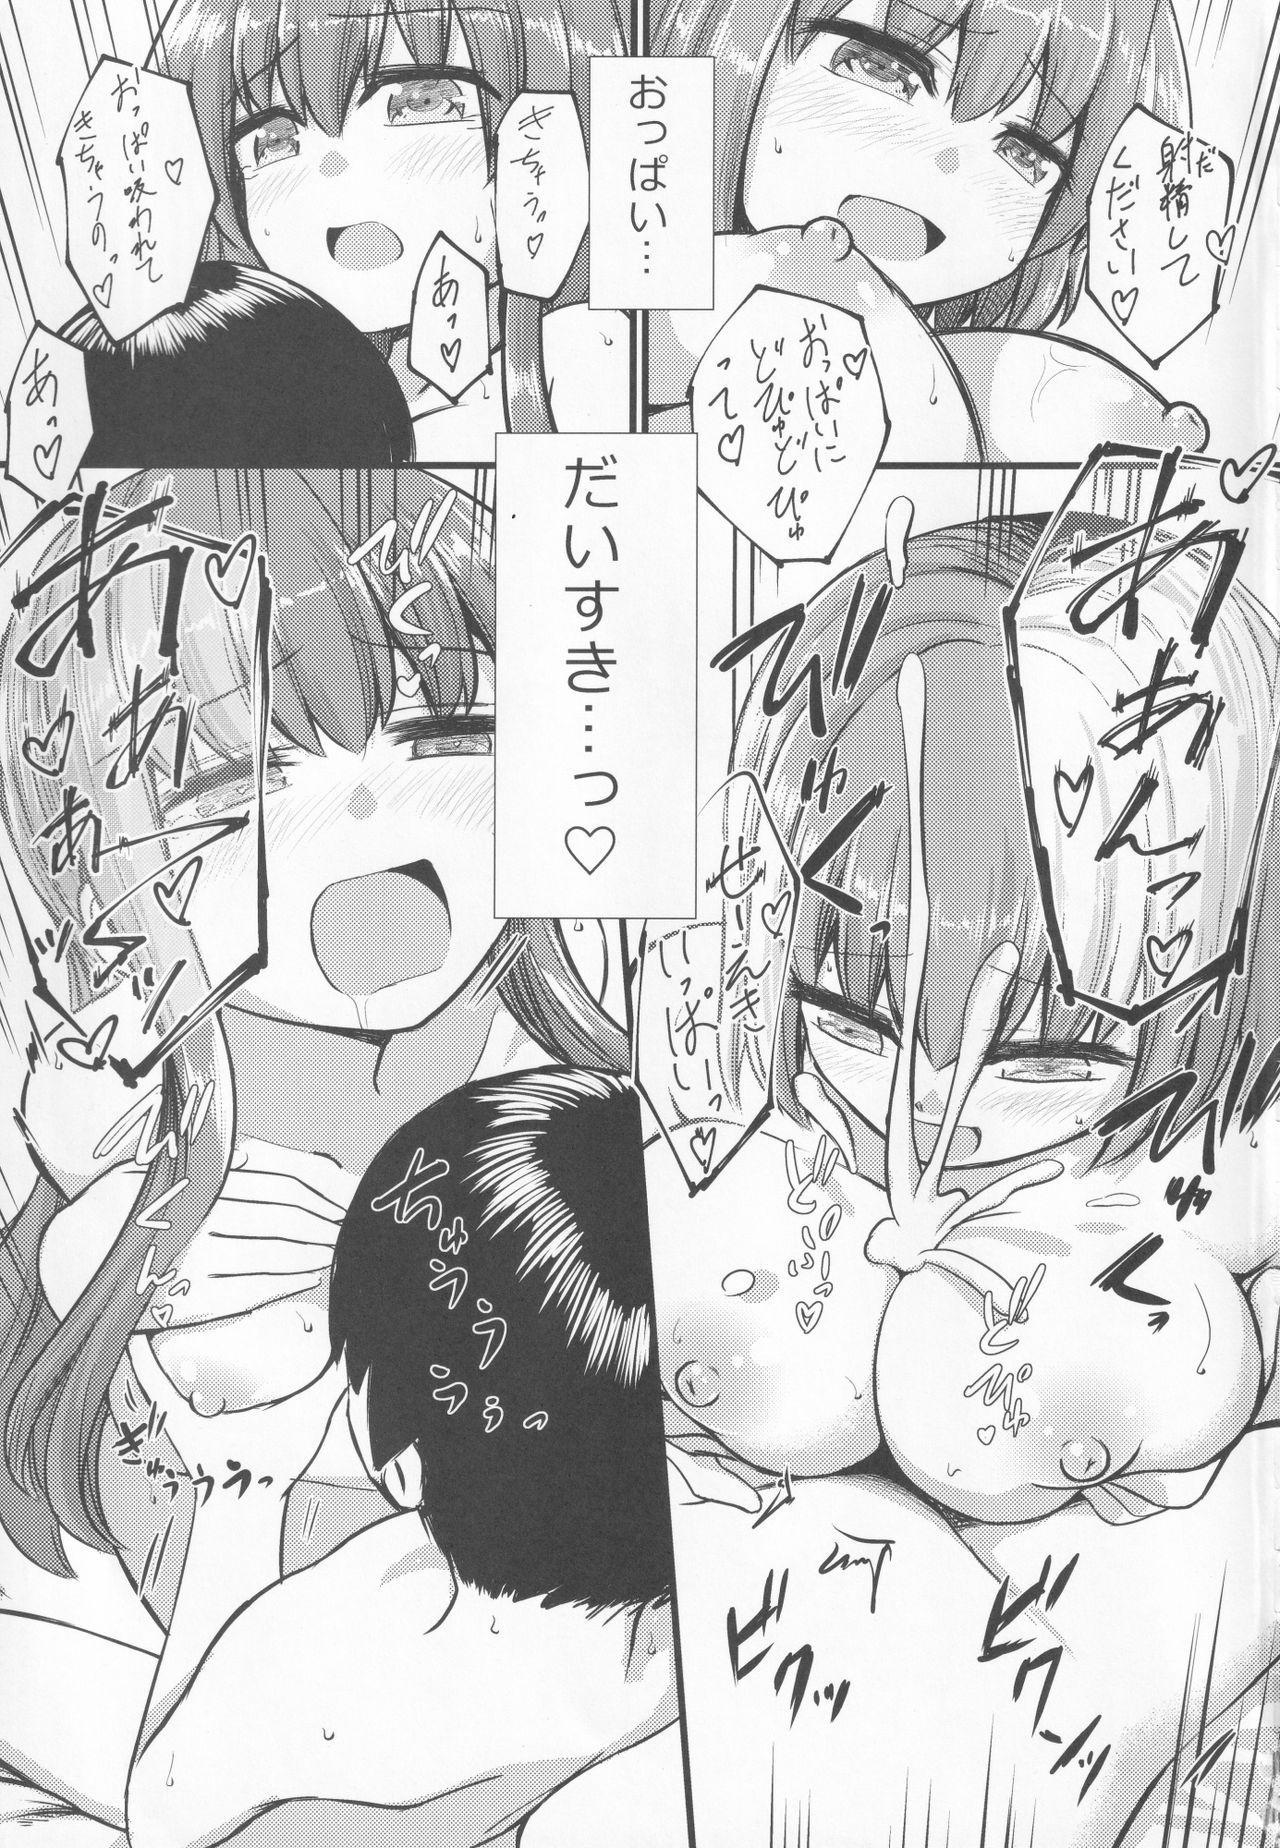 Chiisai kedo Ichininmae. Nyu 25